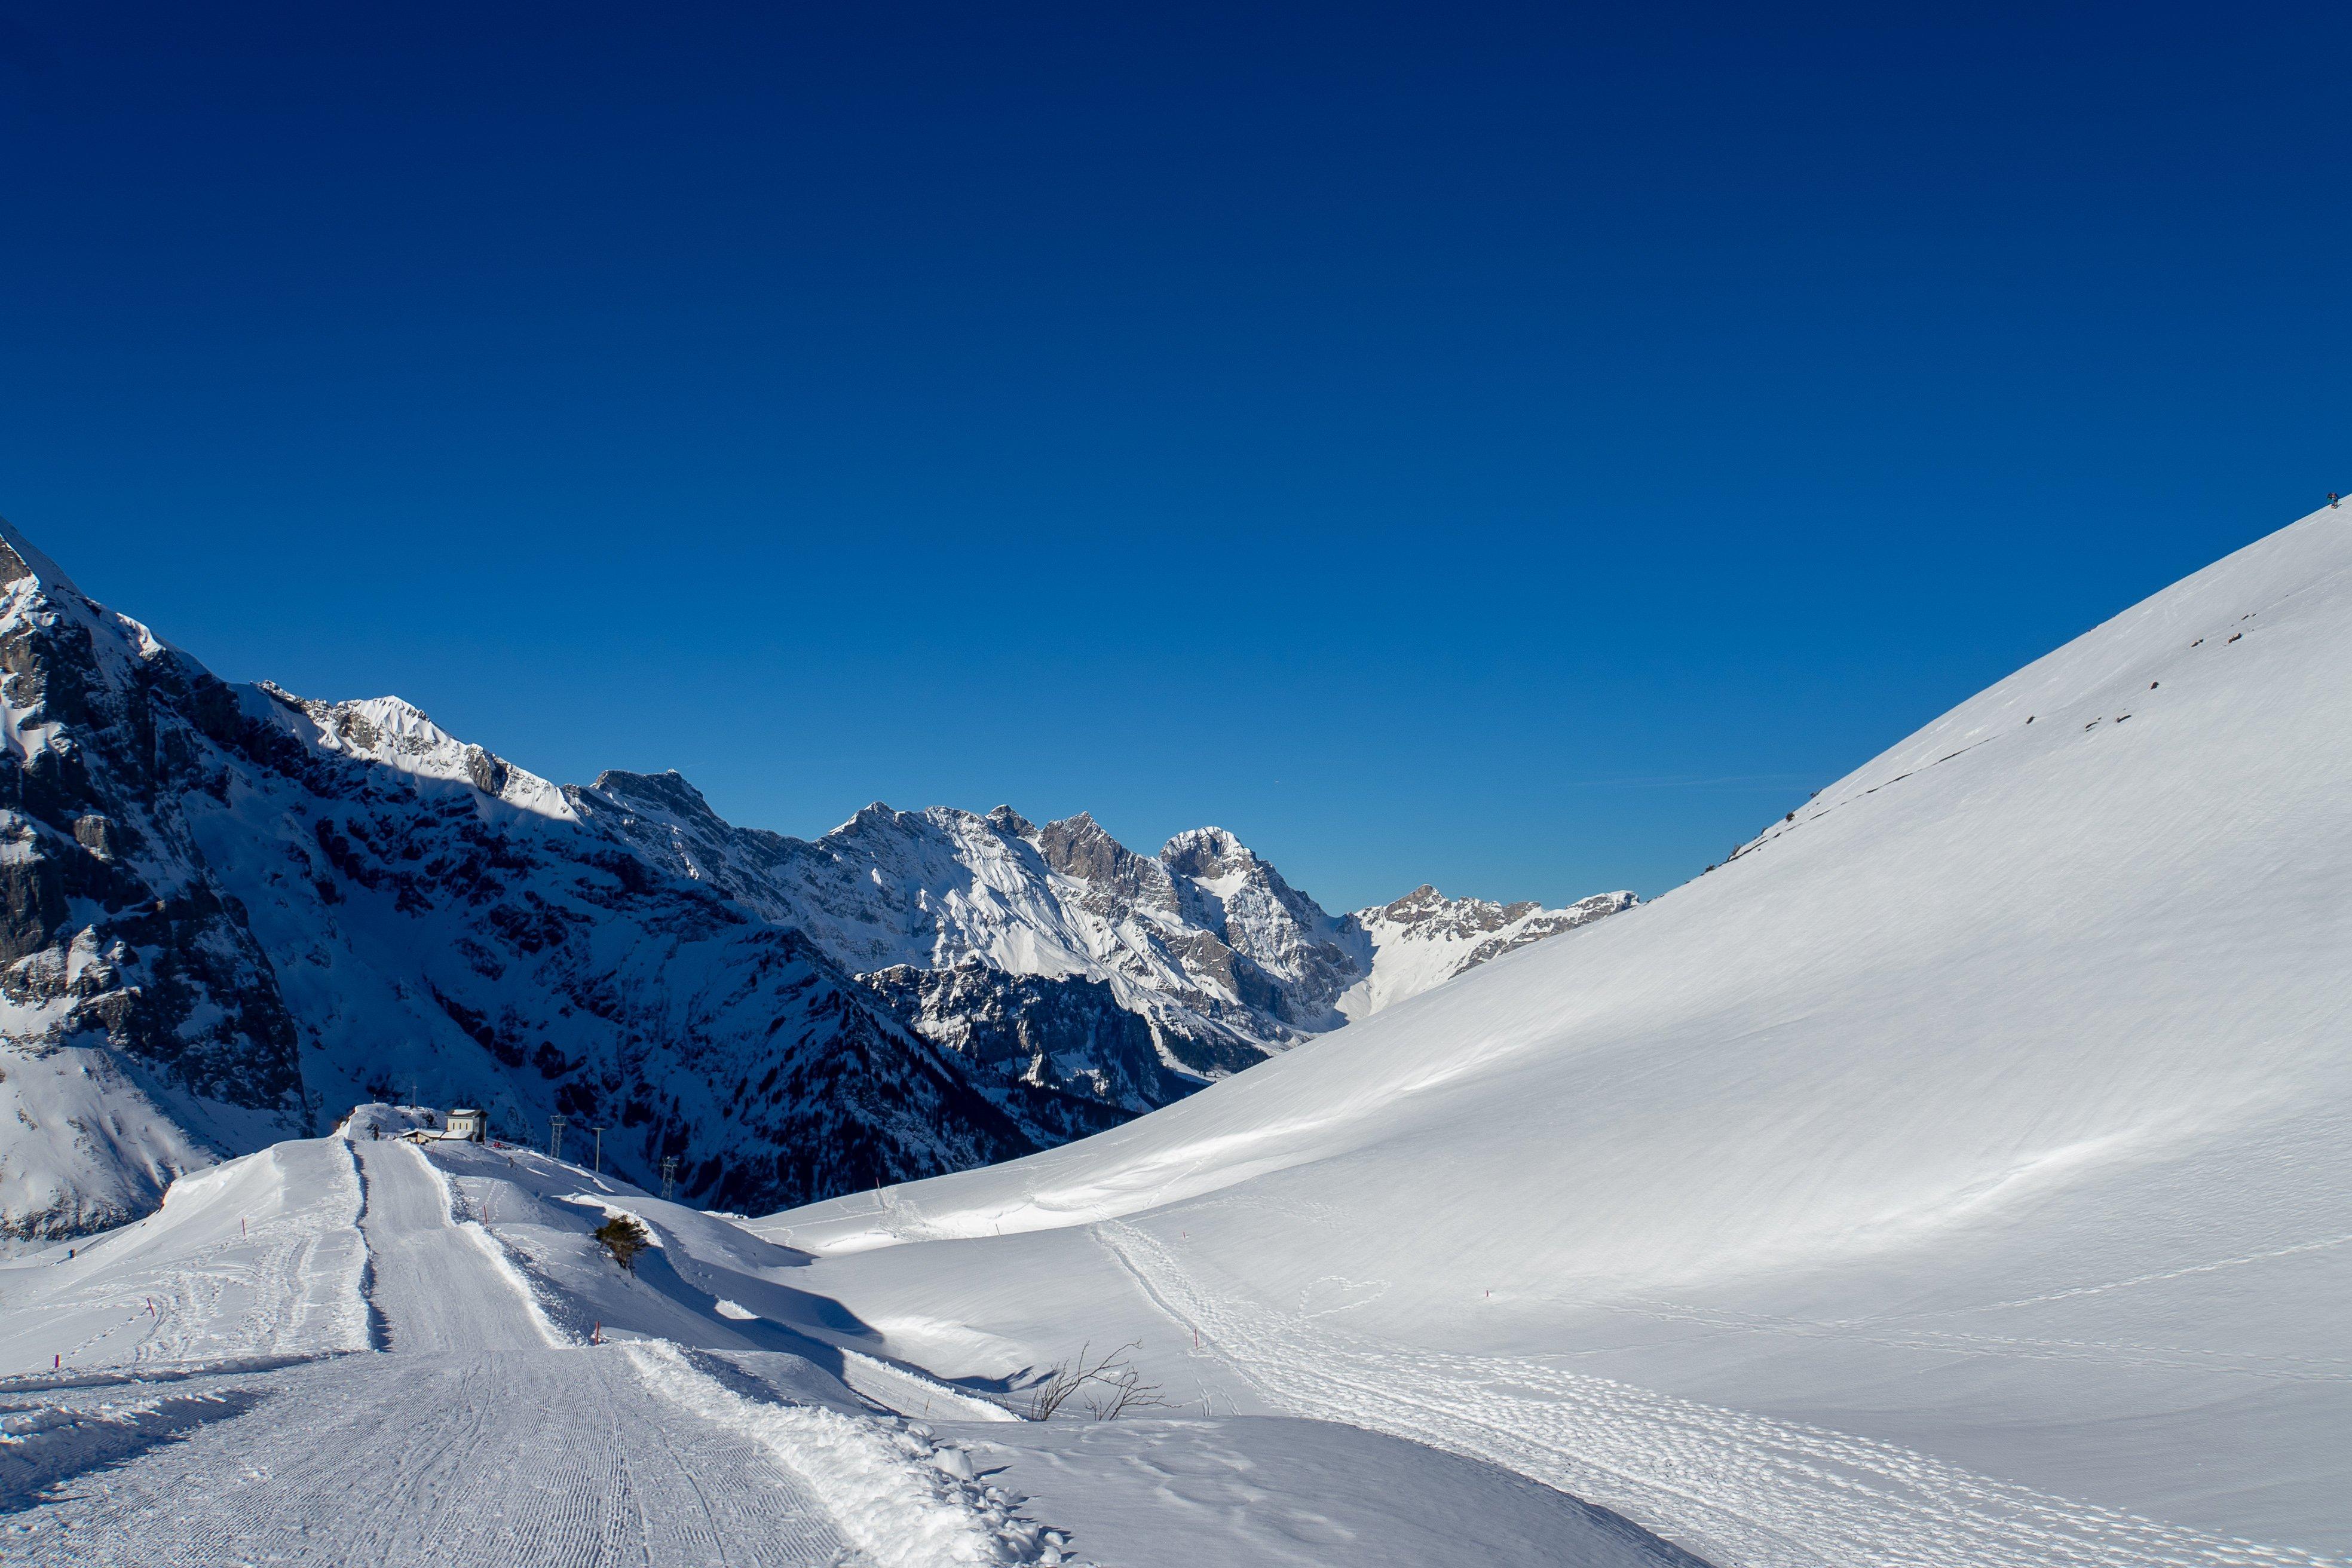 Klettersteig Fürenalp : Fürenalp: winterwunderland ruheoase und schlemmen im urchigen